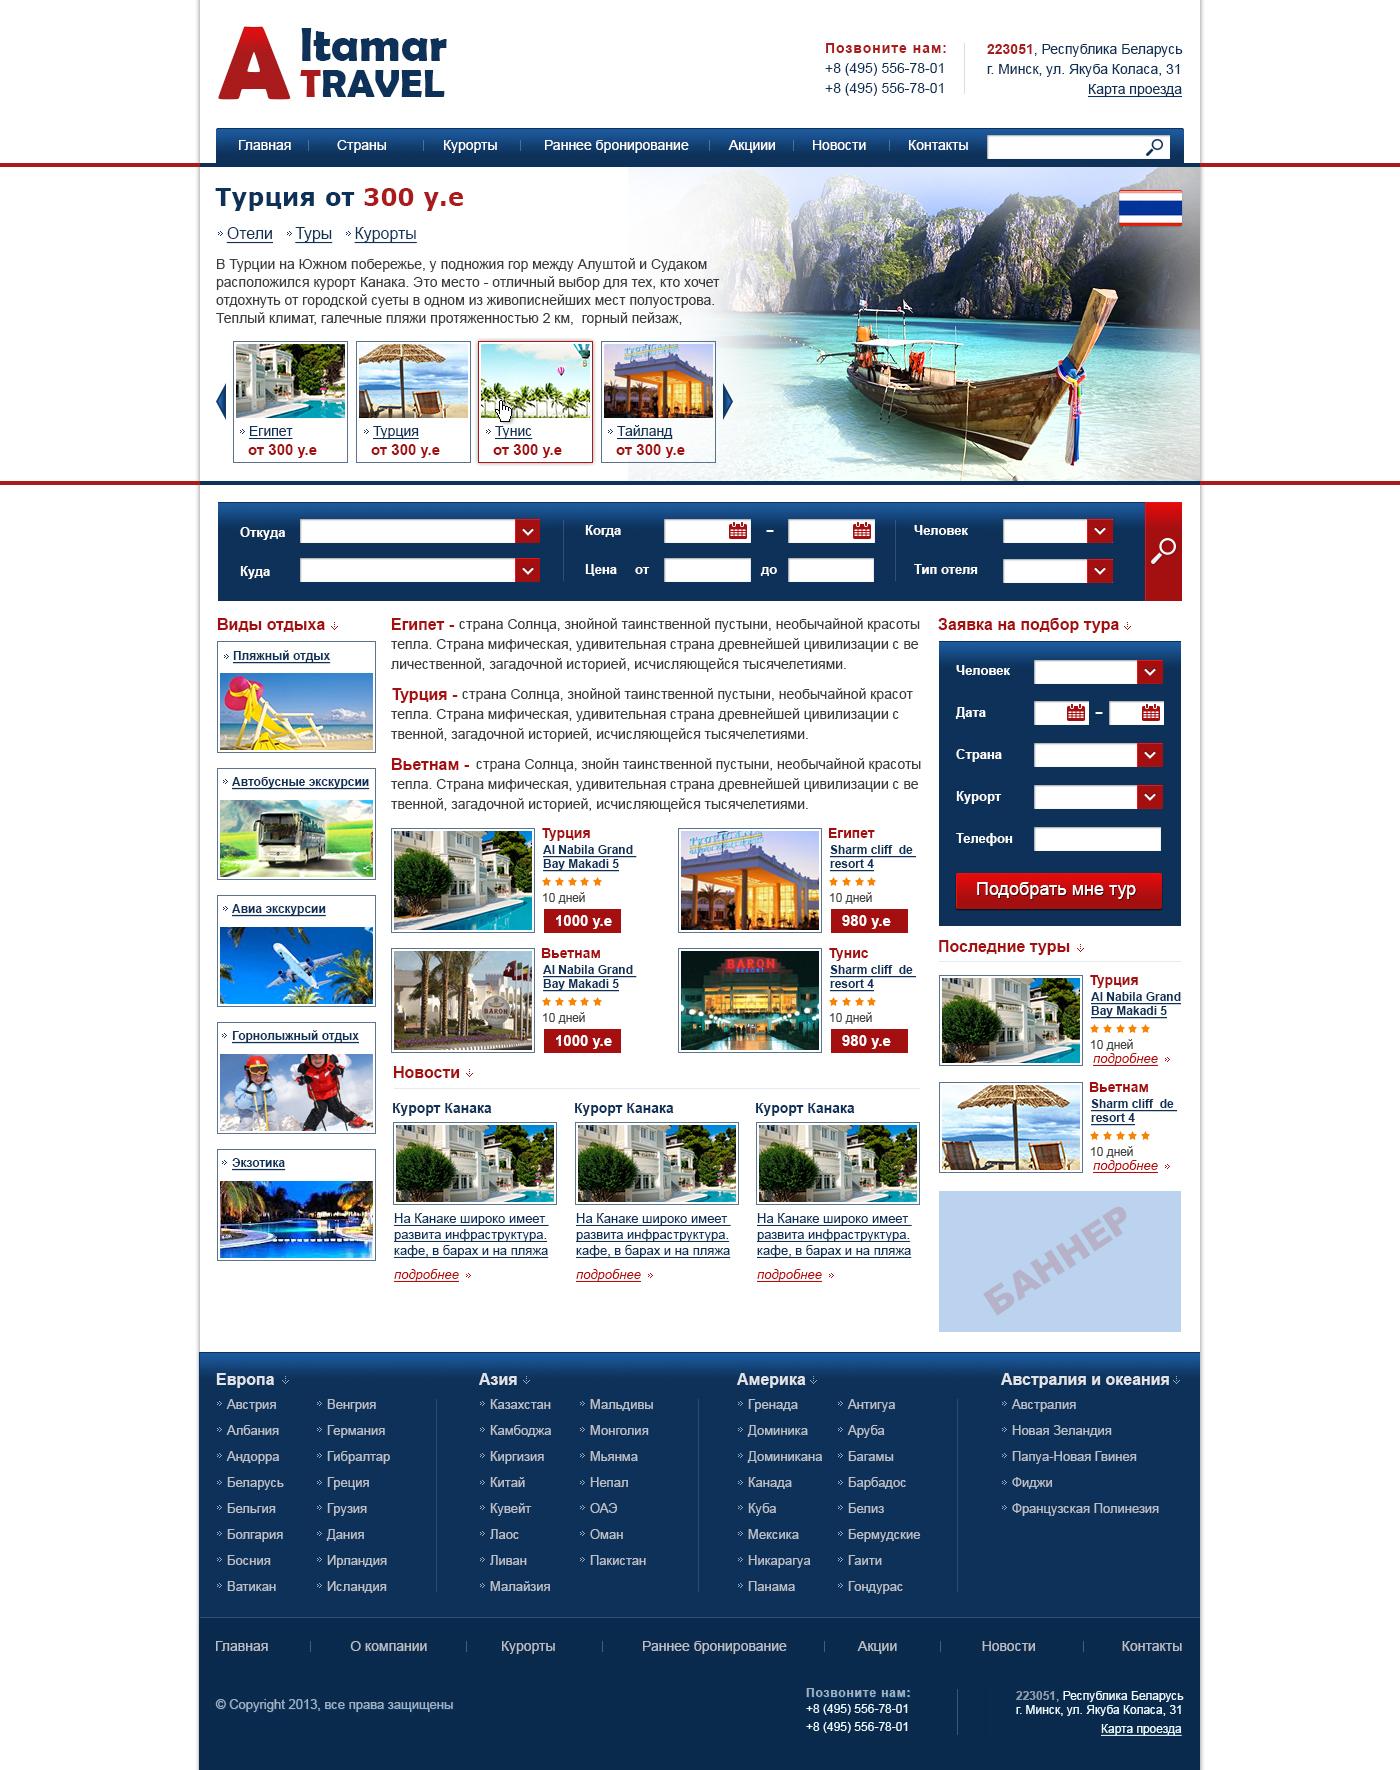 Туристический сайт Altamar Travel